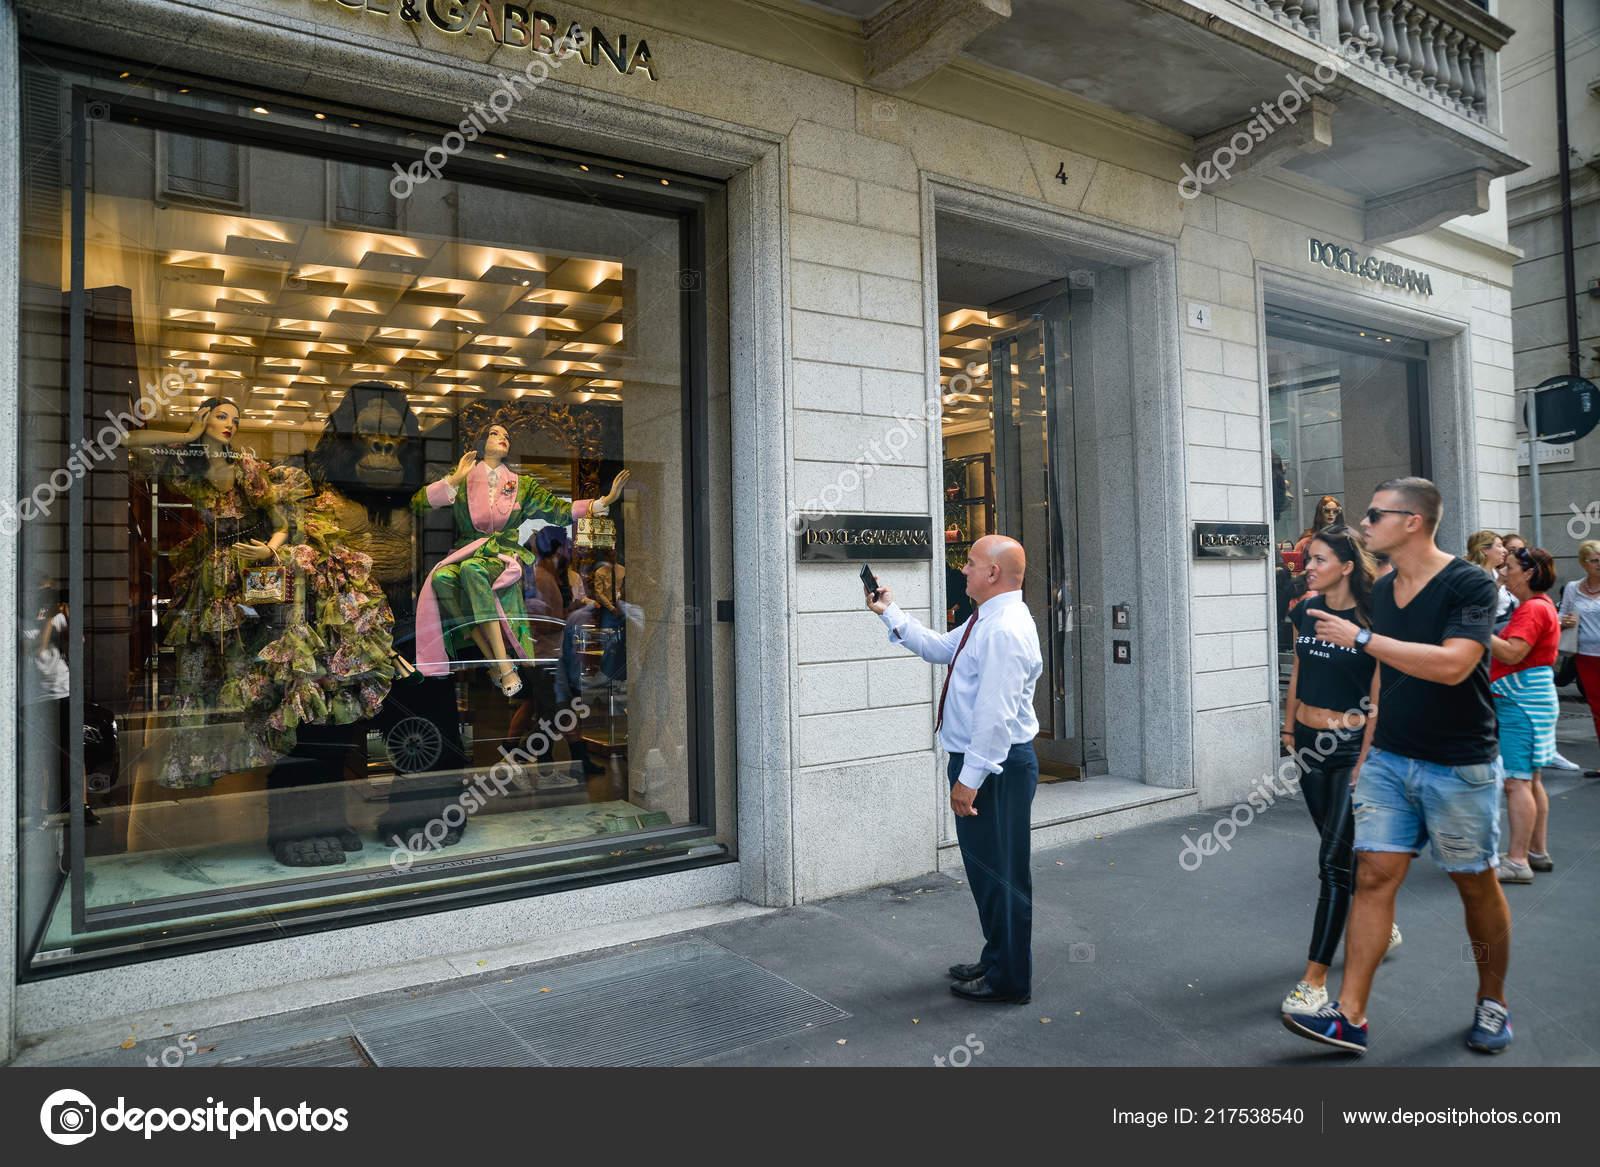 e471a42b540d7 Milan Italie Septembre 2018 Dolce Gabbana Magasin Milan Zone Montenapoleone  — Photo